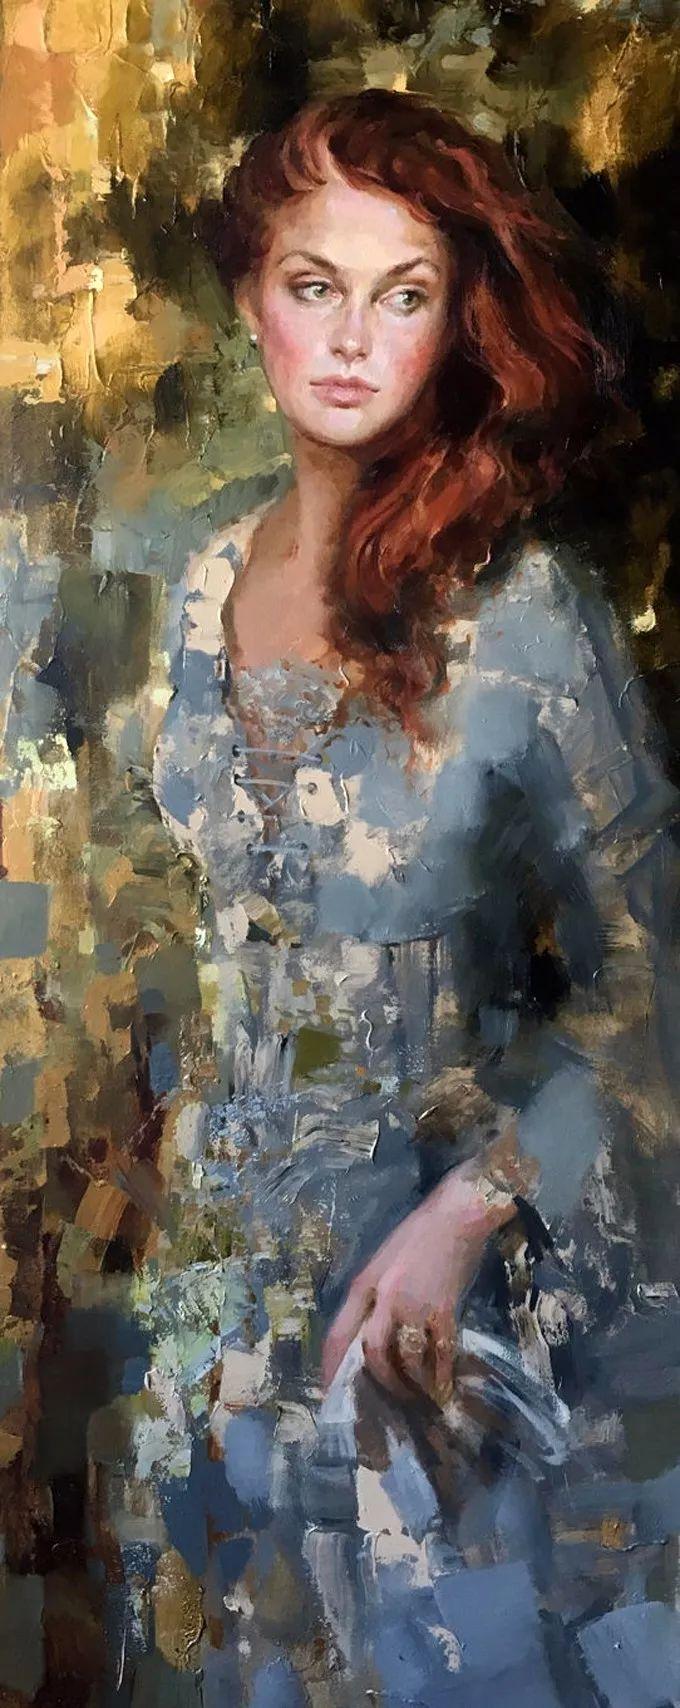 她的油画里,有一种惊艳脱俗的美!插图29